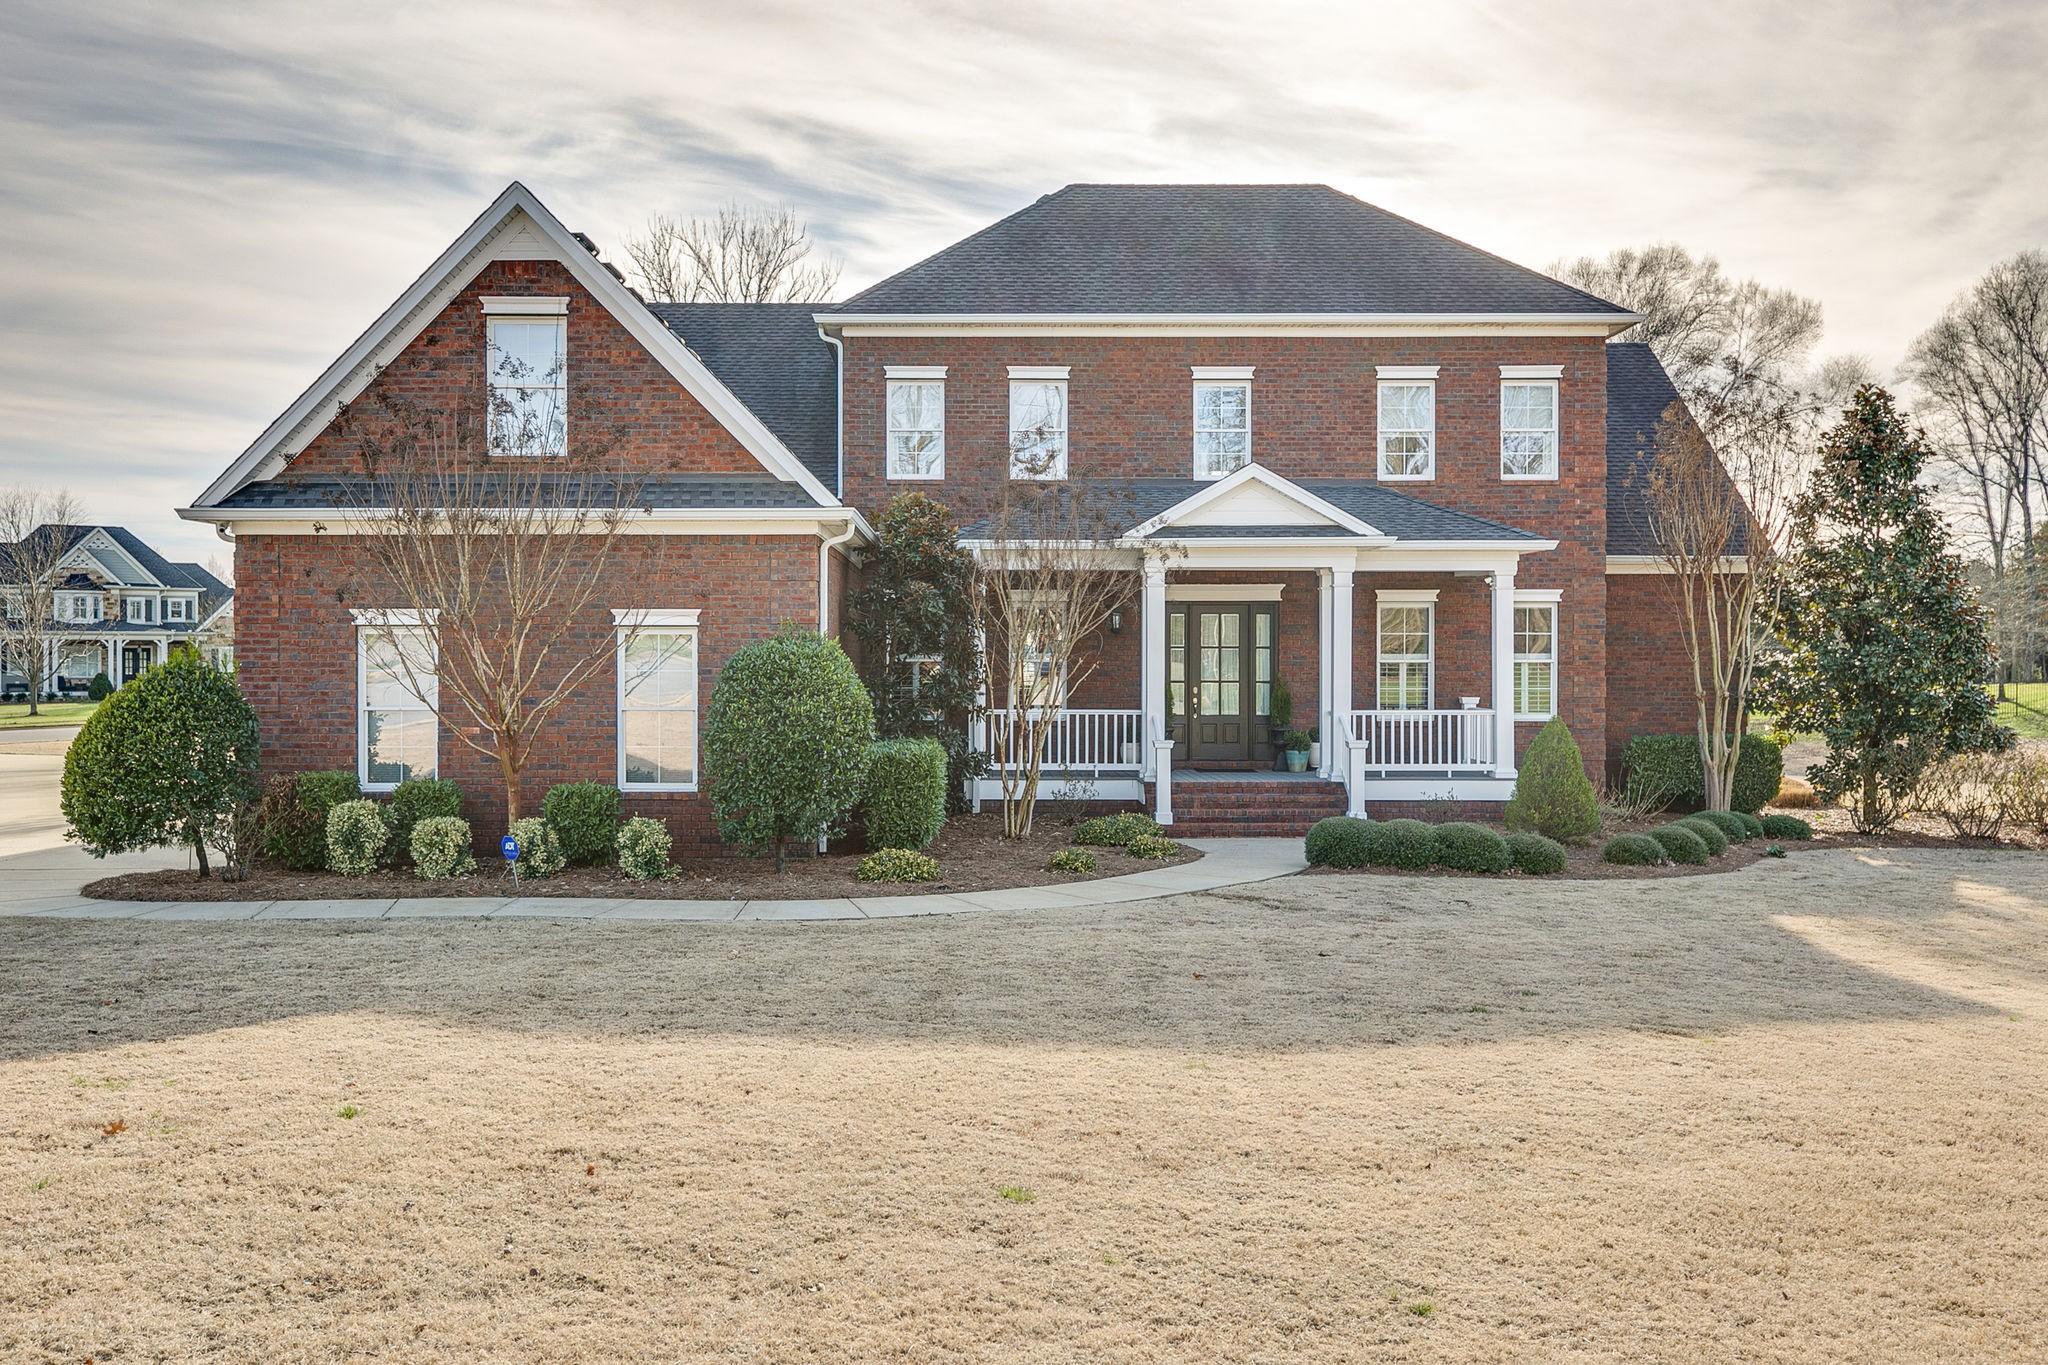 3515 Oakleigh Cv, Murfreesboro, TN 37129 - Murfreesboro, TN real estate listing